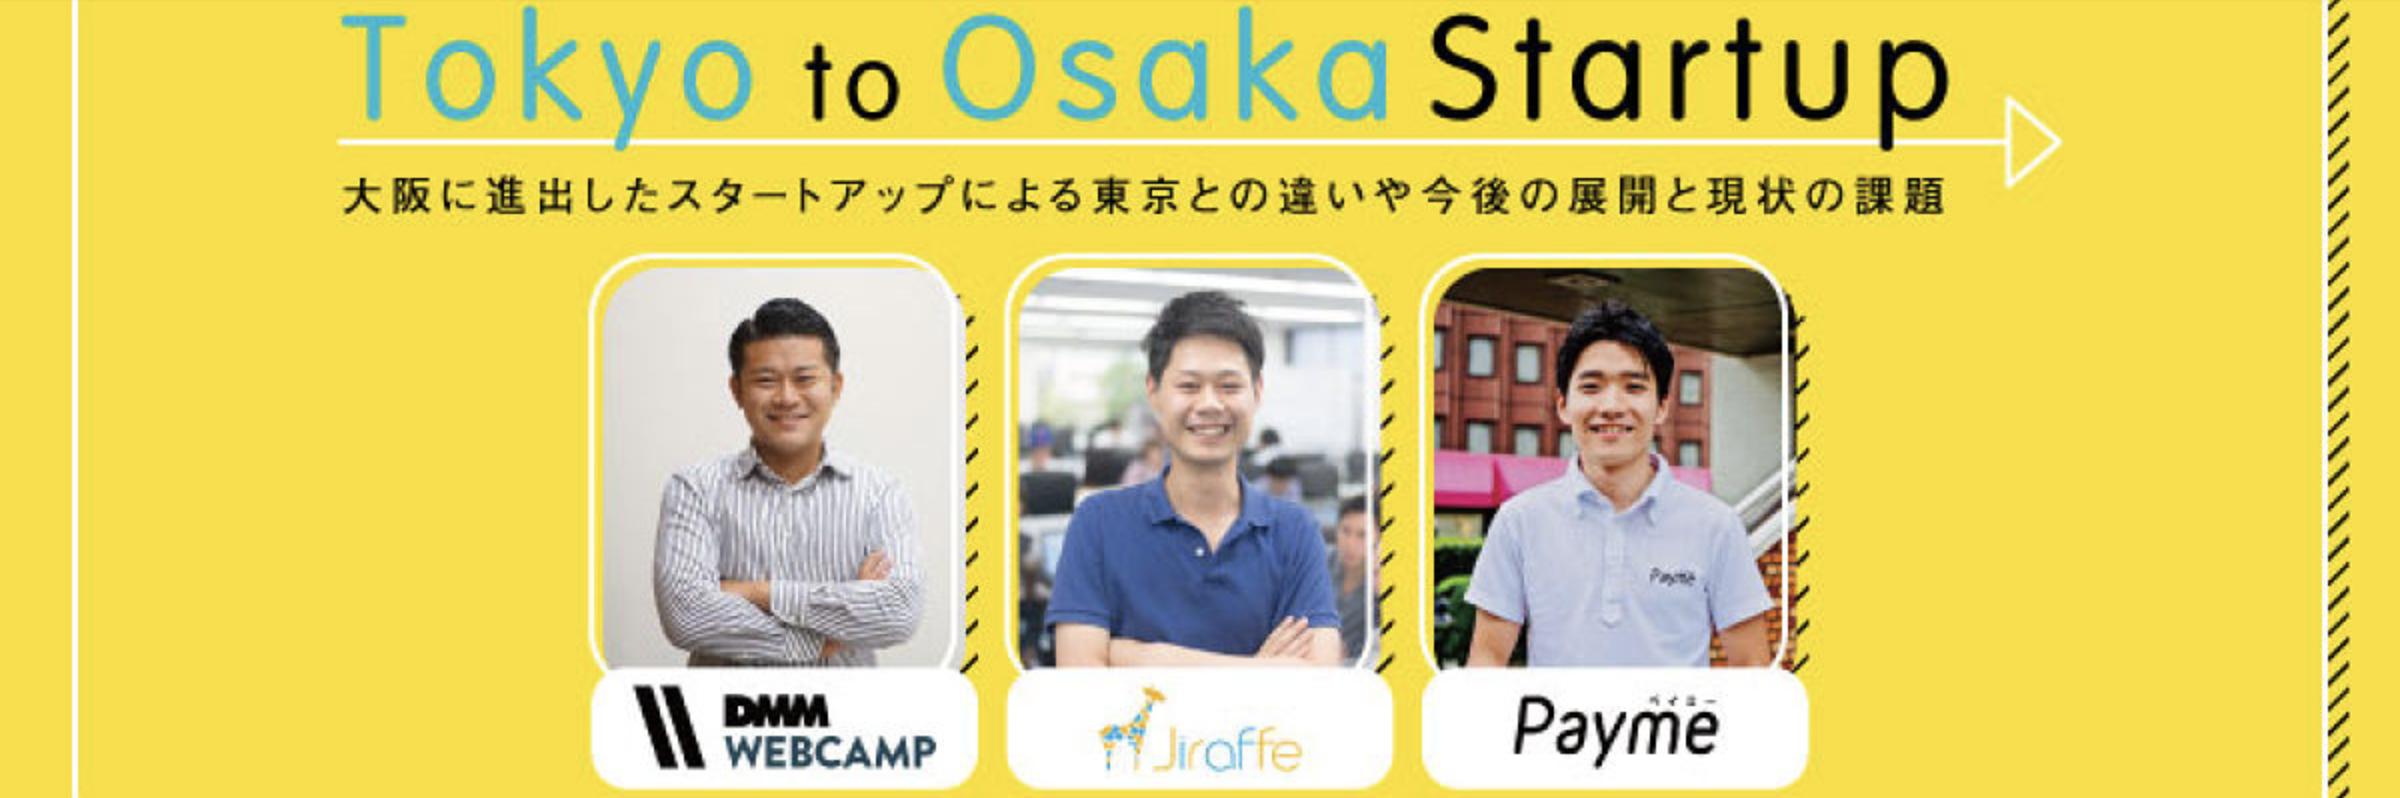 Tokyo to Osaka Startup イベントレポート